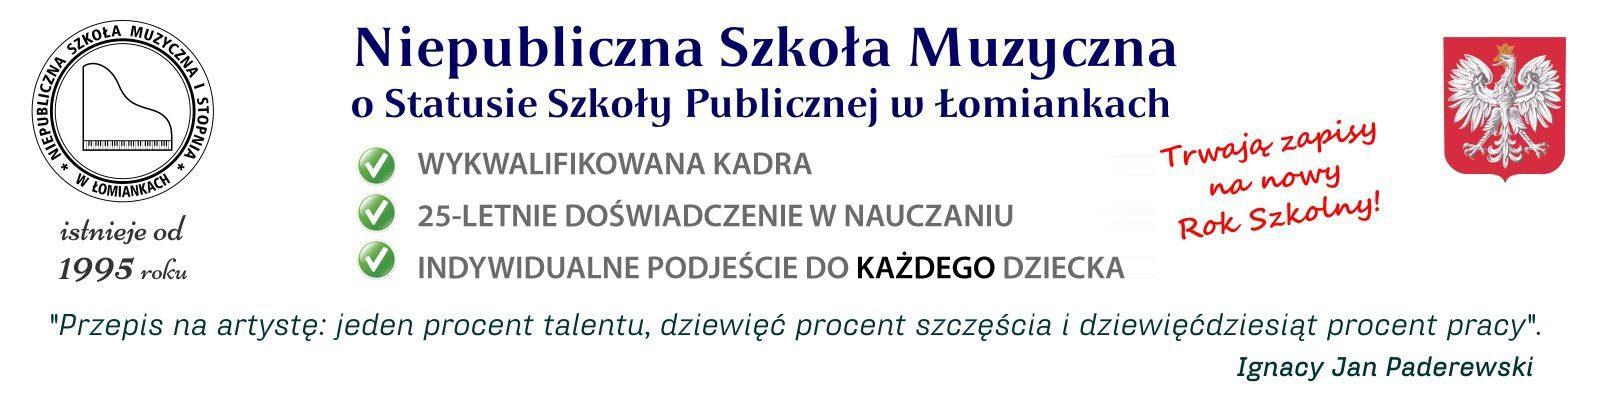 Szkoła Muzyczna w Łomiankach